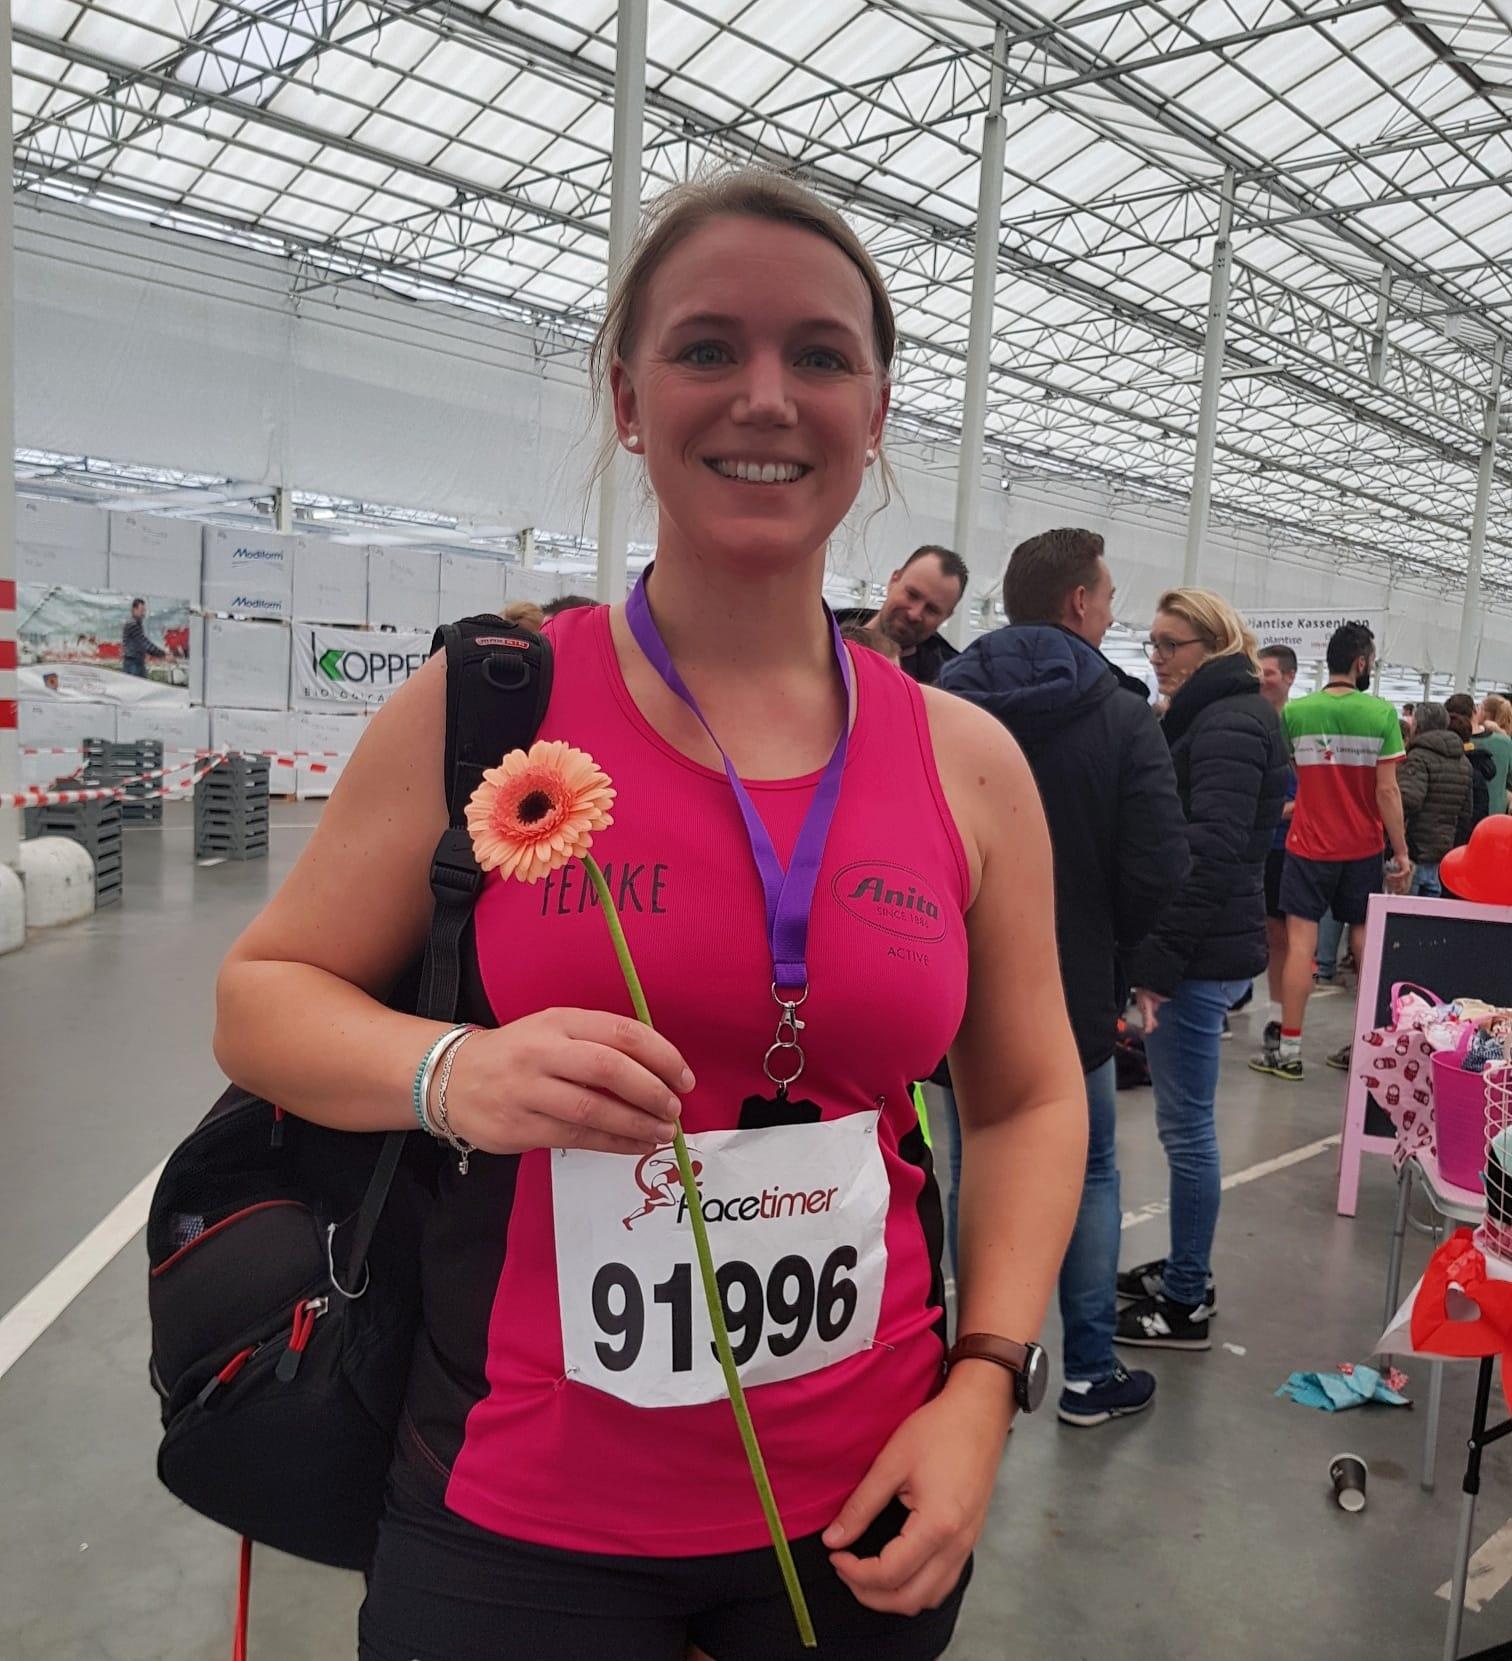 Plantisse Kassenloop - leukste hardloopwedstrijden in 2019 in Nederland